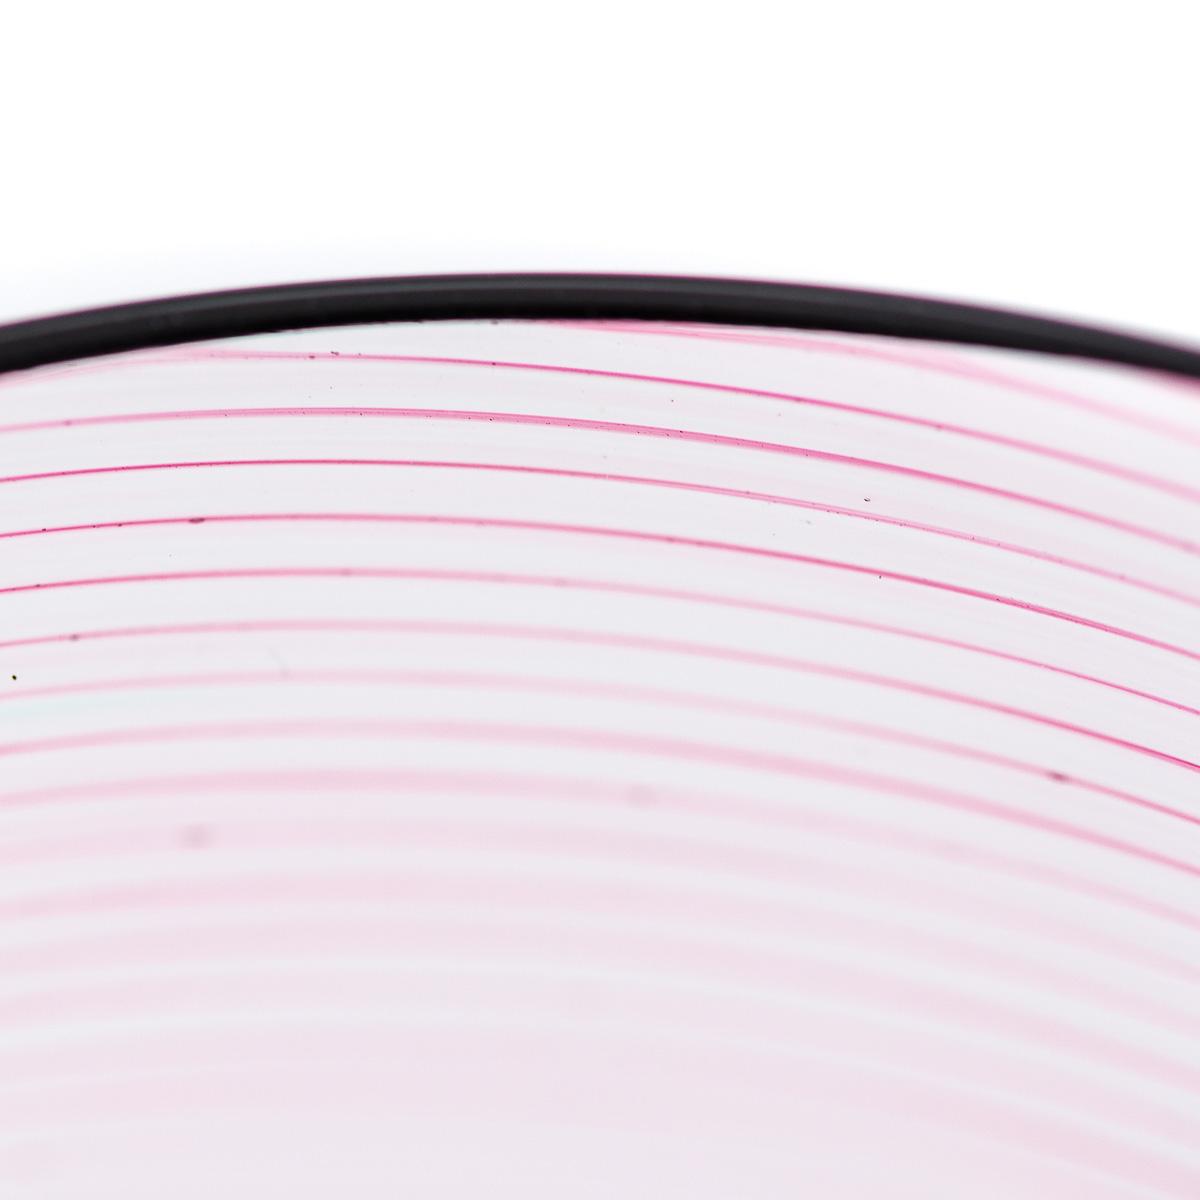 fizzy-glass-water-pink-murano-riga-mena-handmade-venice-black-rim-detail